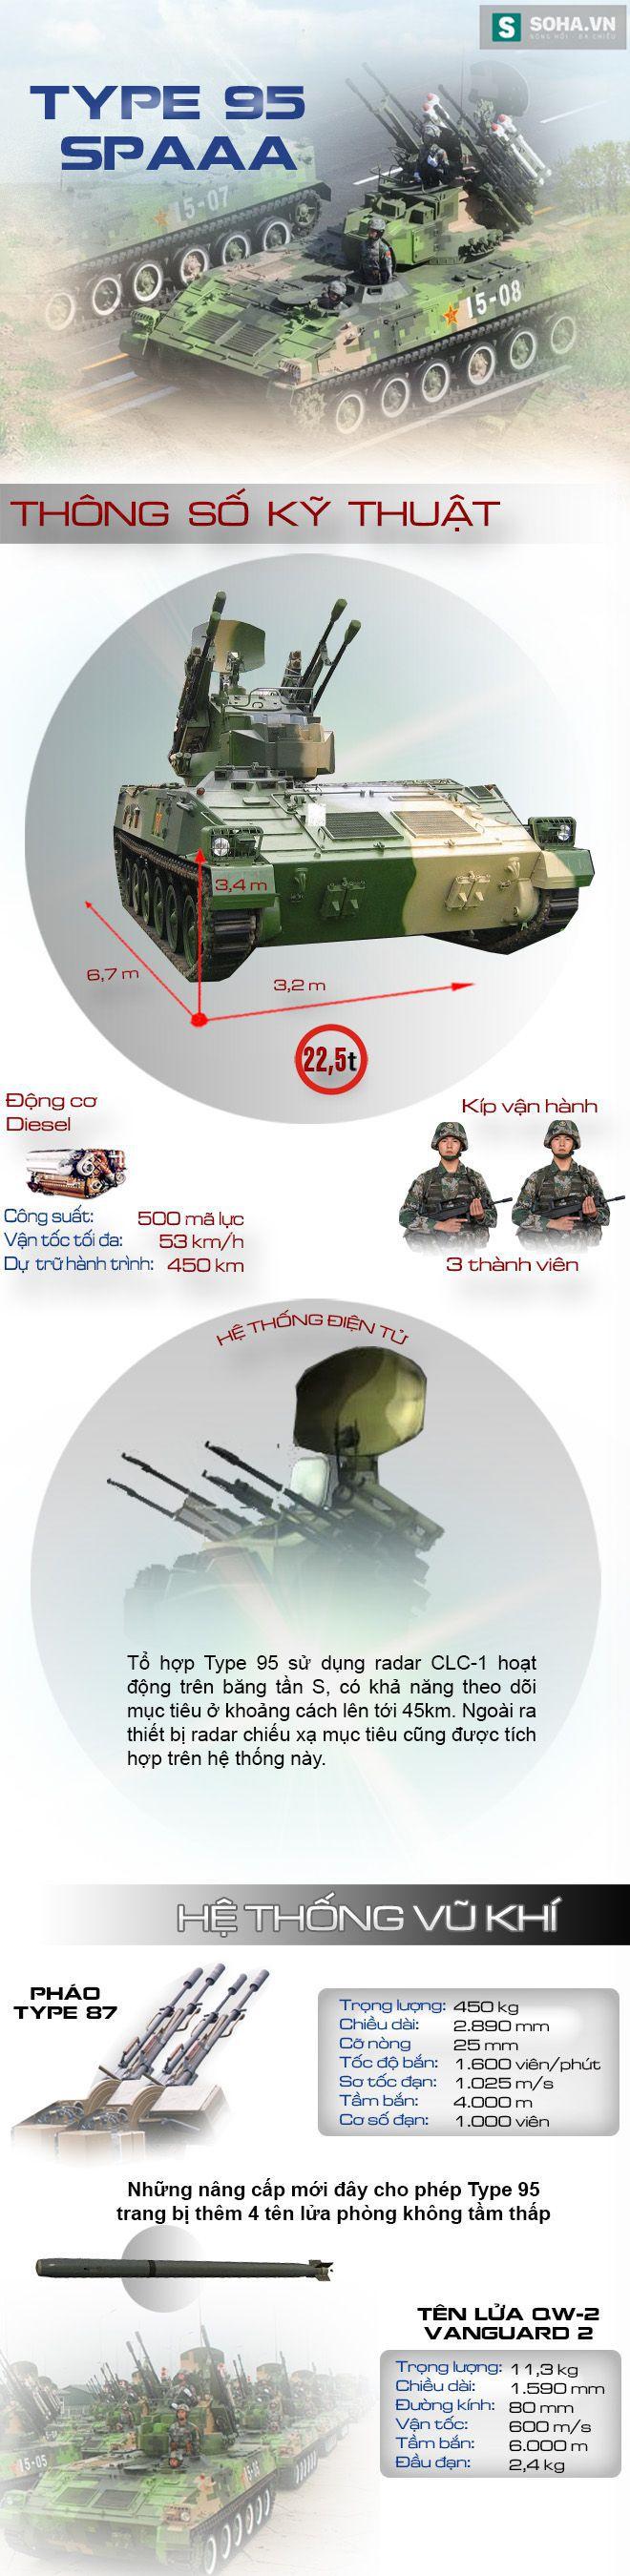 Pháo phòng không tự hành Type 95 SPAAA của Trung Quốc nguy hiểm đến mức nào? - Ảnh 1.